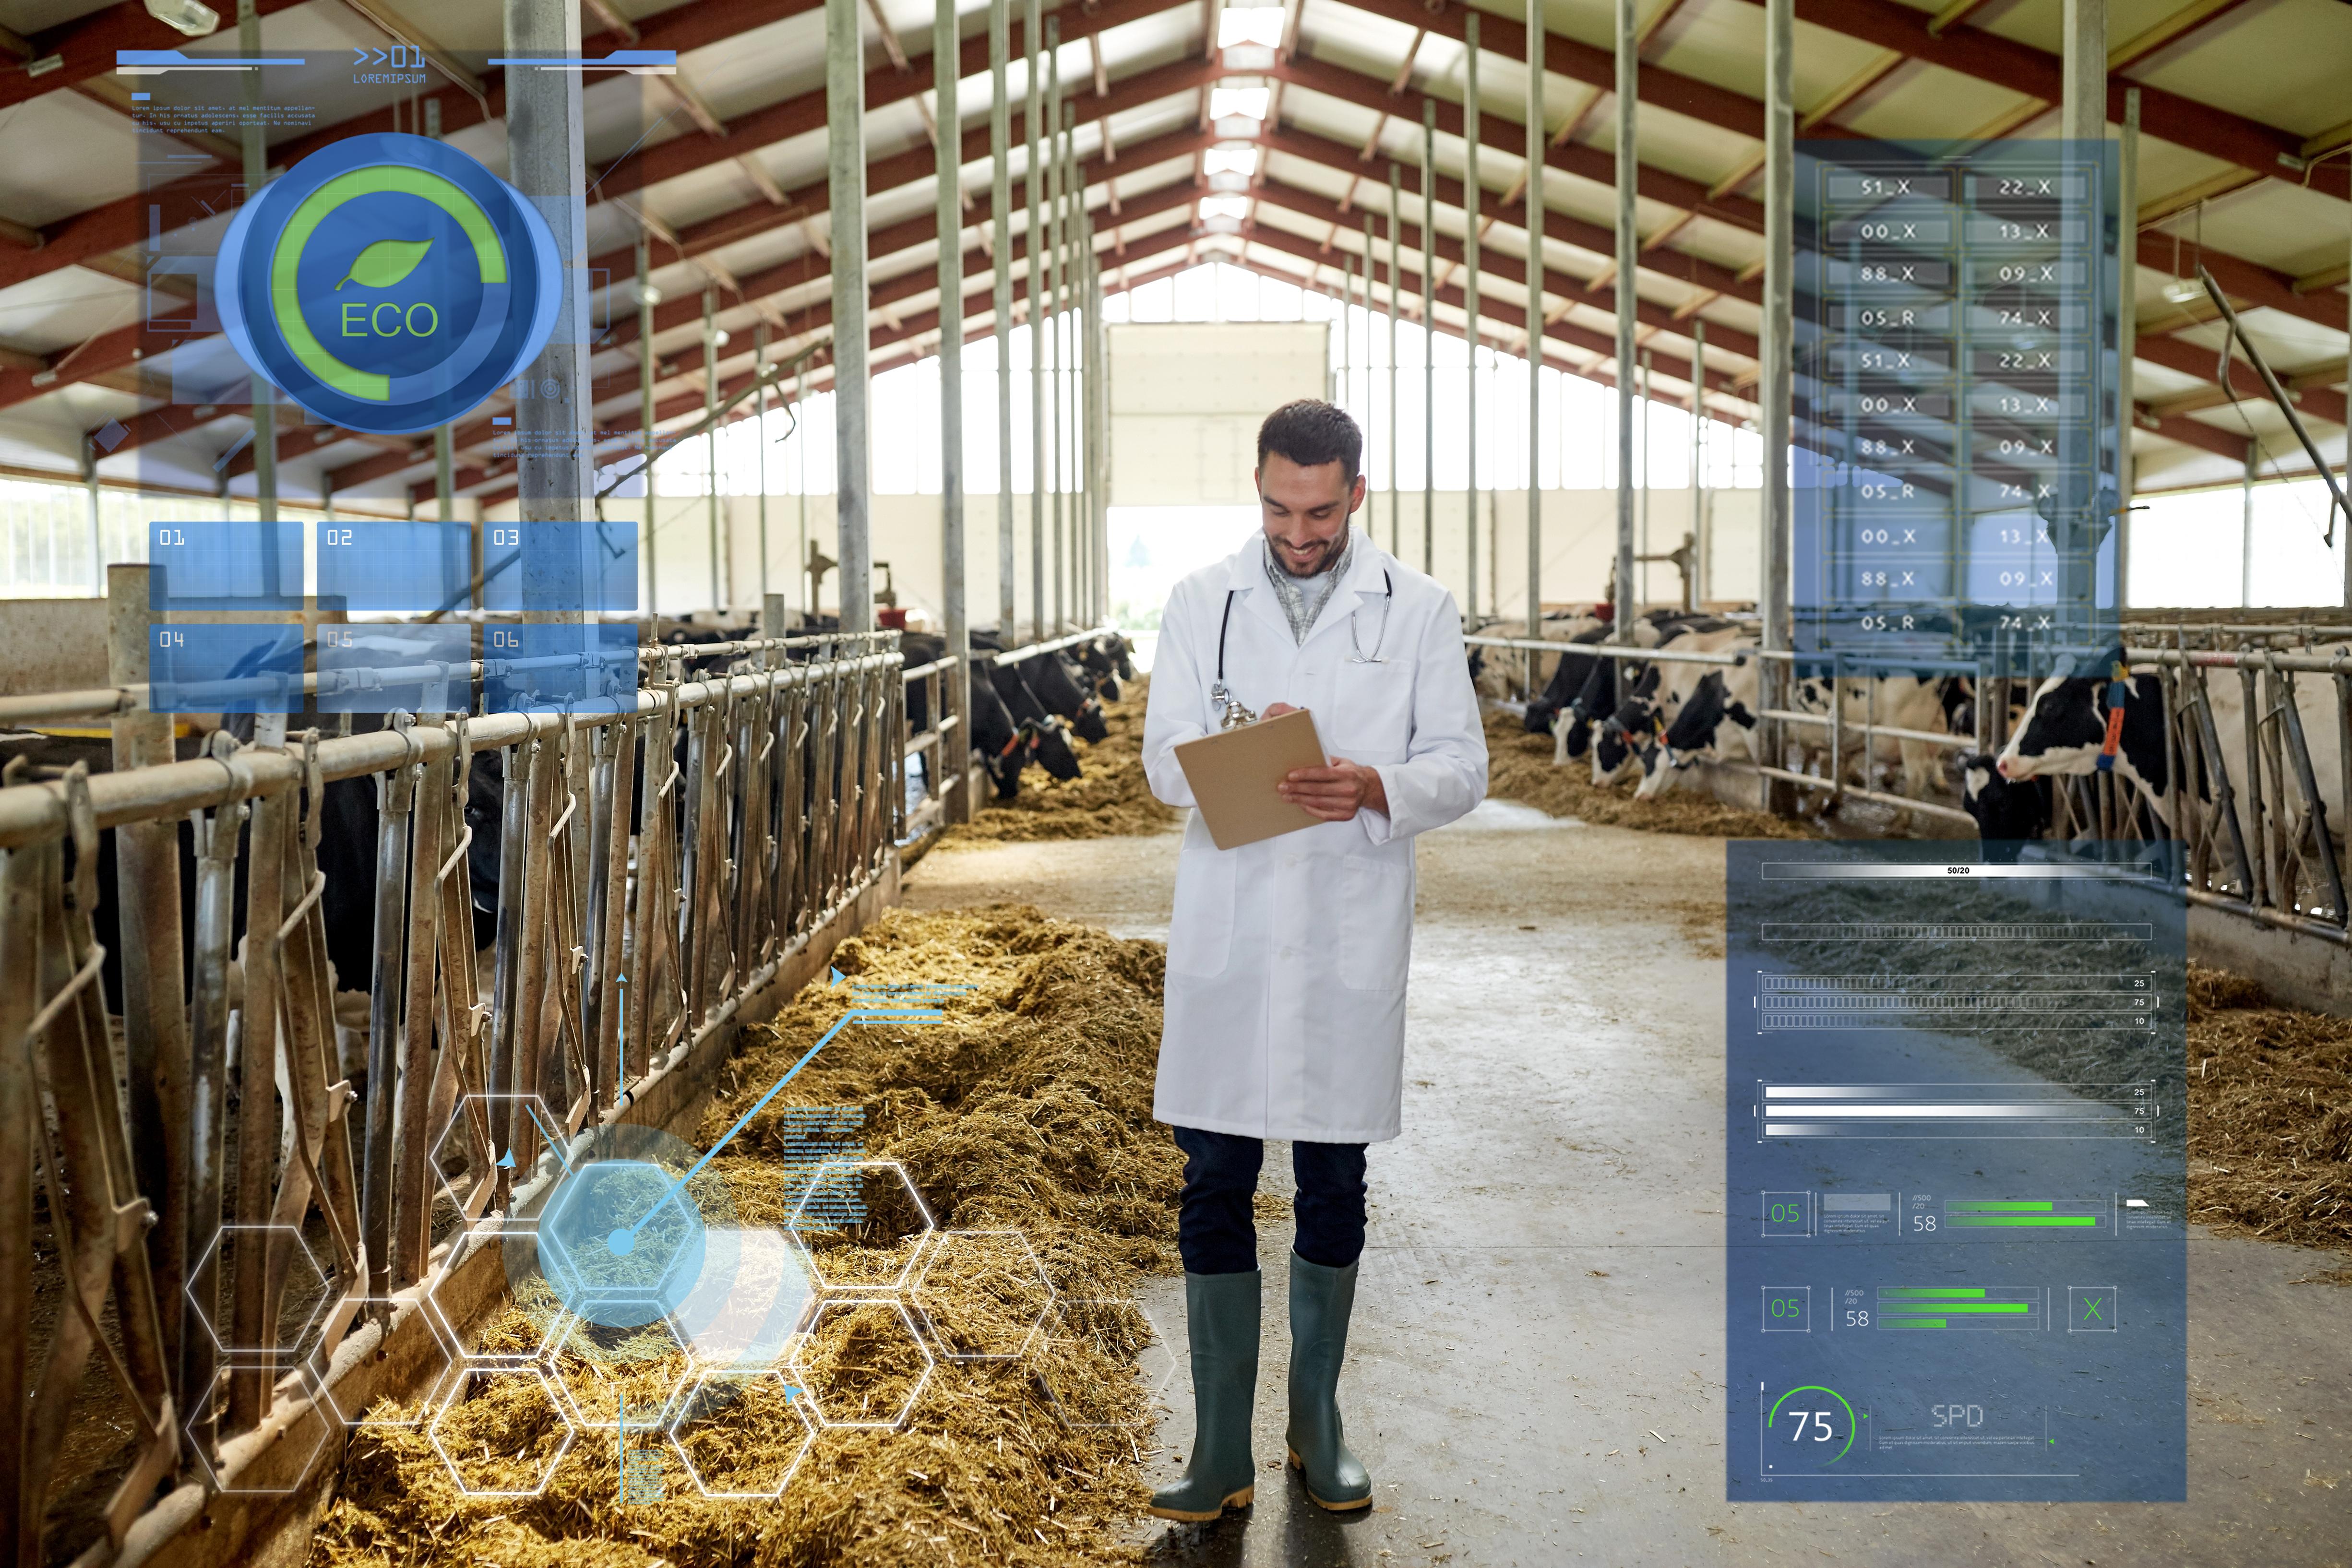 Le applicazioni dell IoT nell allevamento